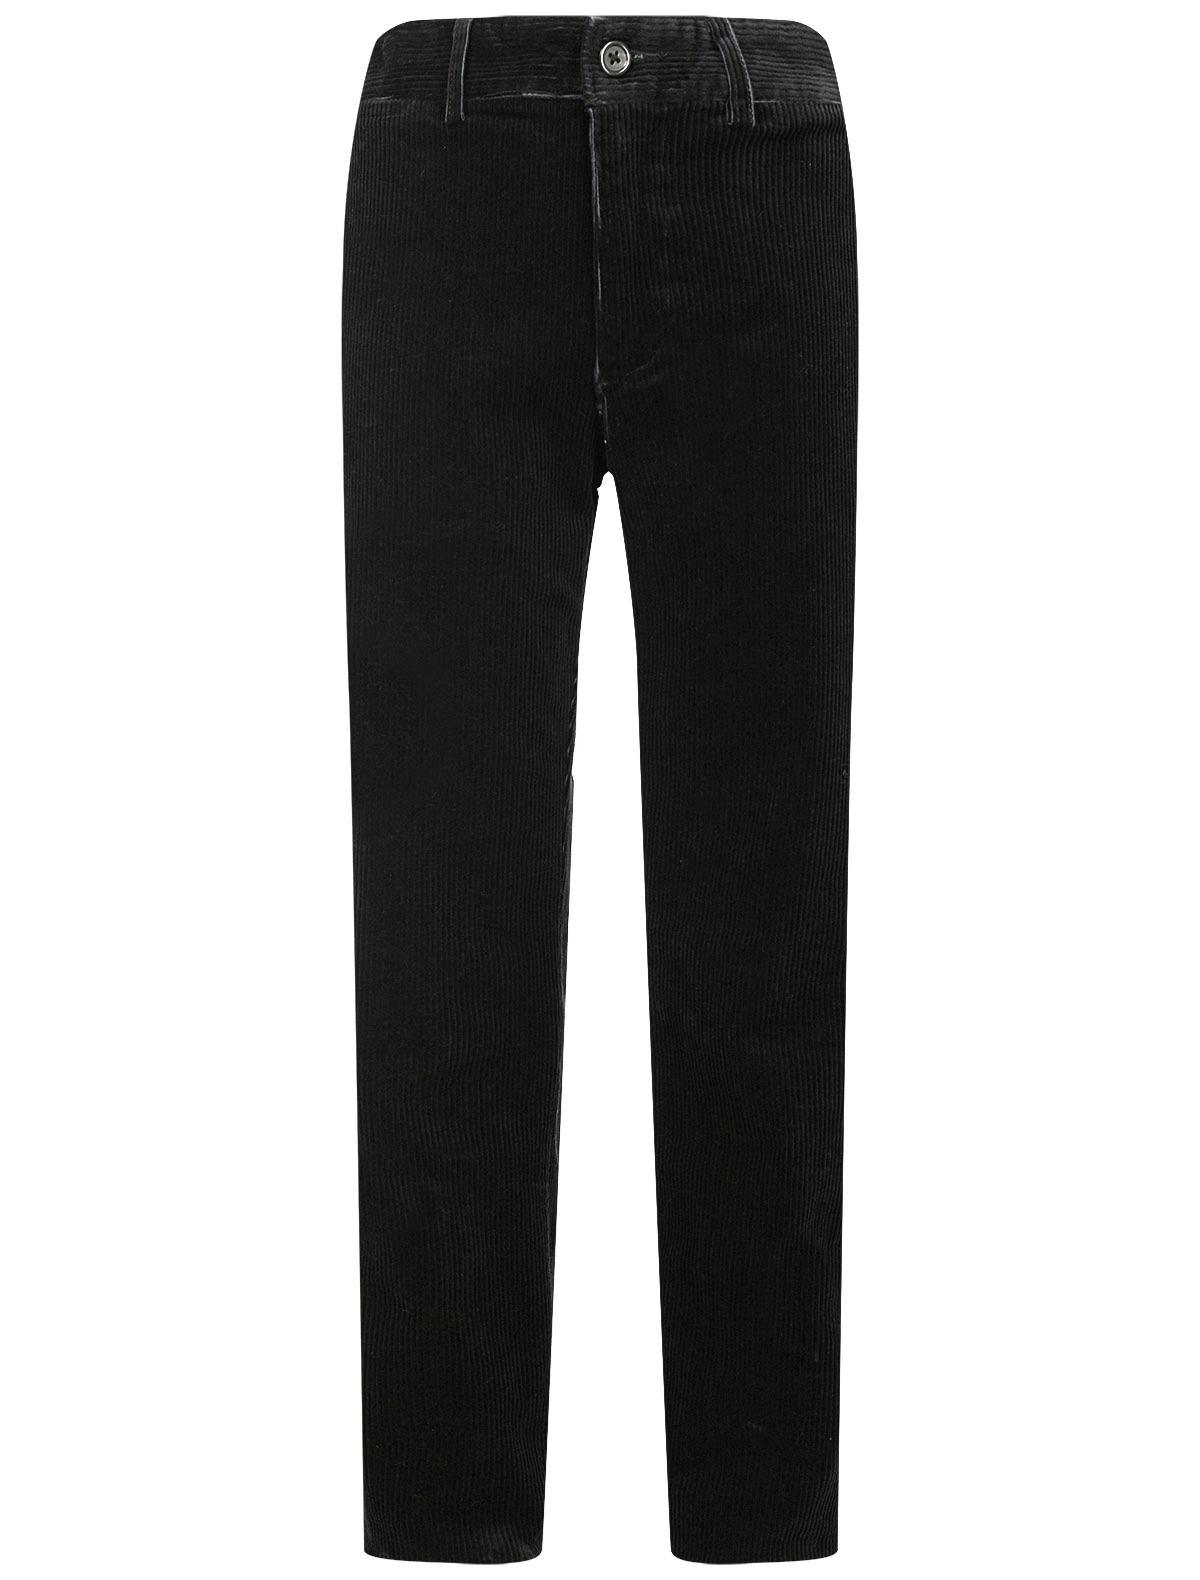 Купить Брюки Polo Ralph Lauren для мальчиков 323760254005 (BLACK) (8-14) черный 128,